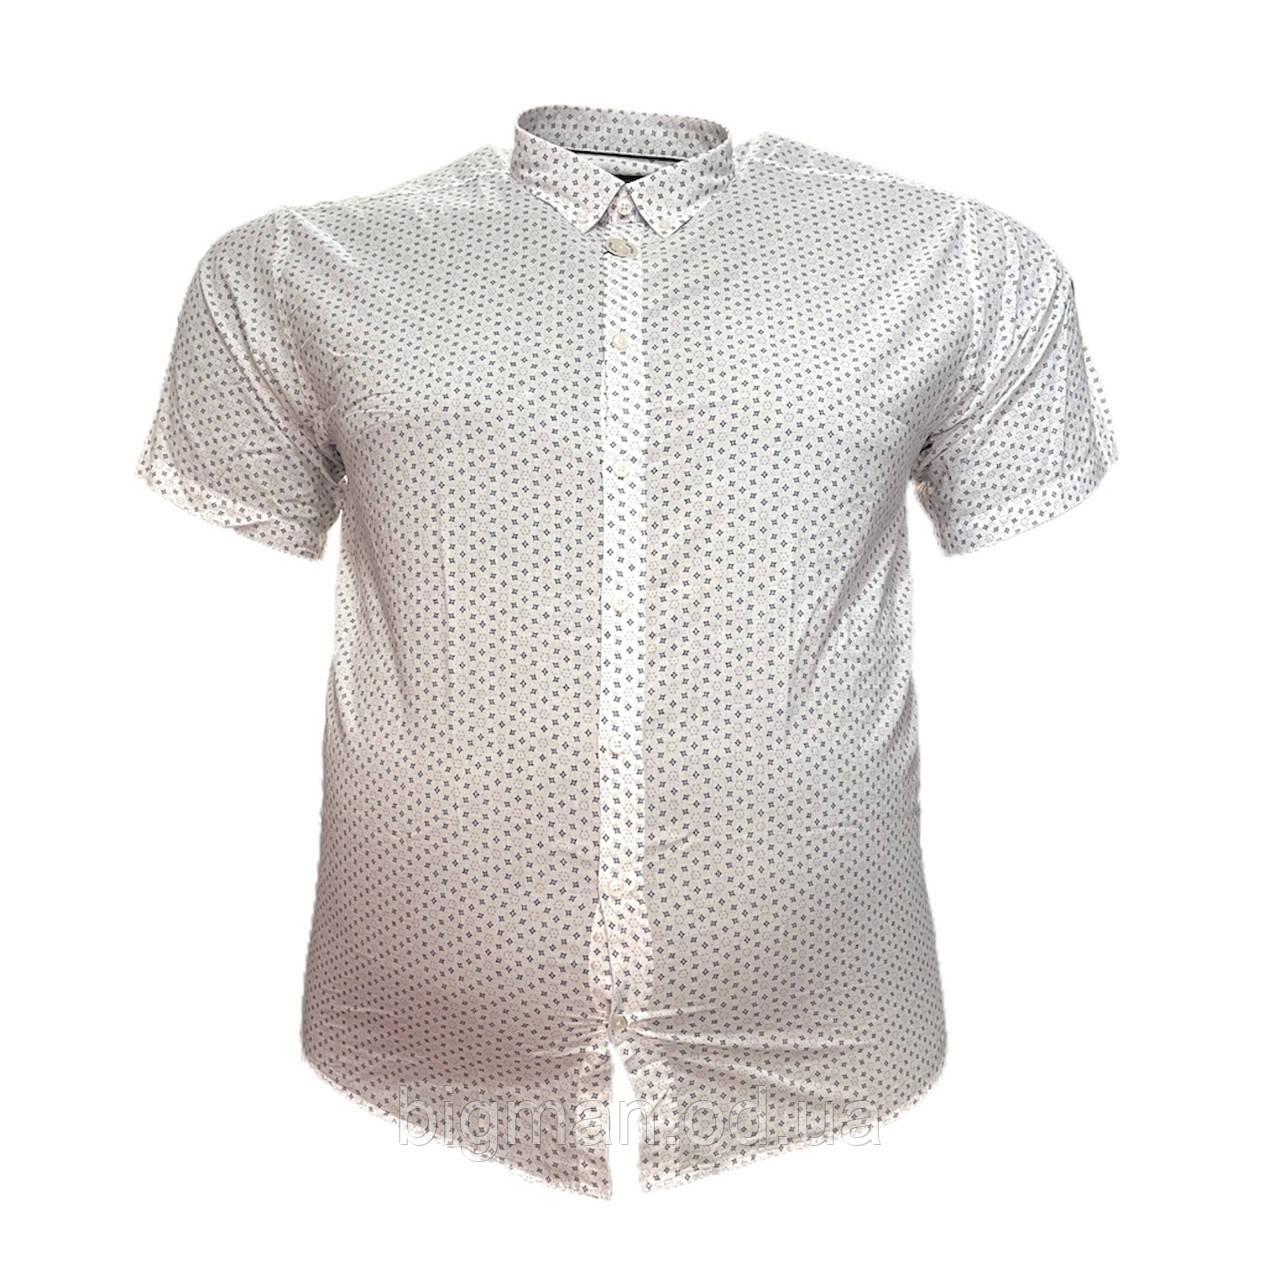 Чоловіча сорочка з коротким рукавом Barcotti 16086 2XL 3XL 4XL 5XL 6XL біла великі розміри батал Туреччина